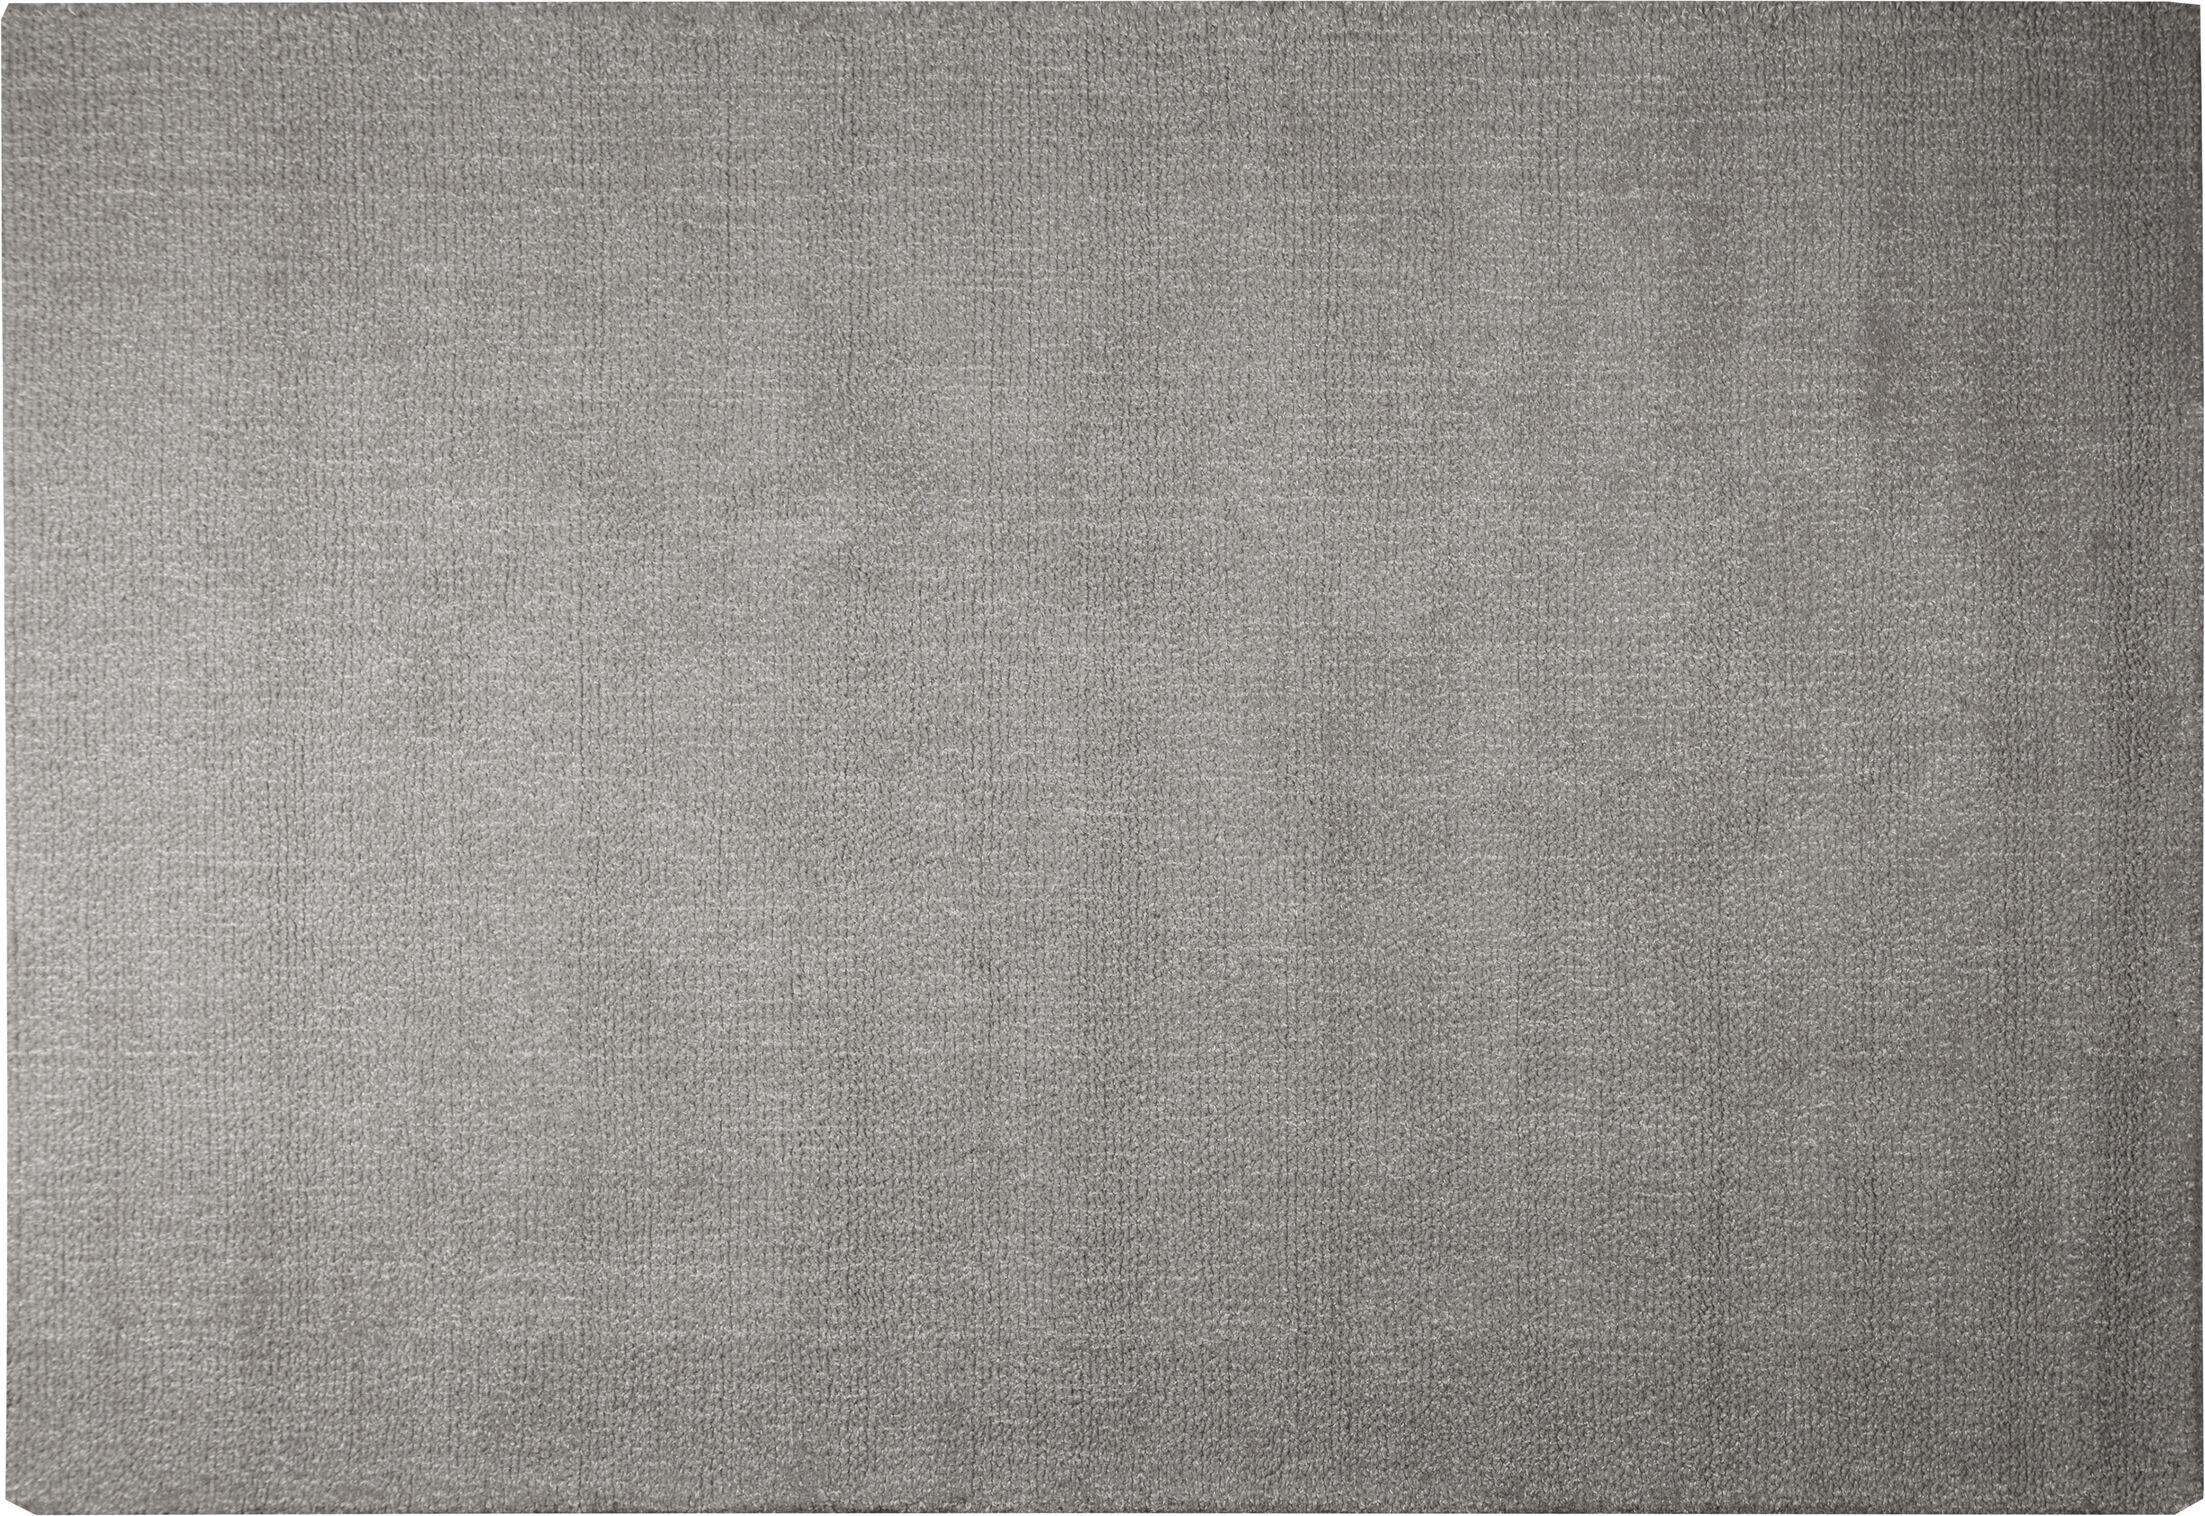 Angora Hand-Woven Gray Area Rug Rug Size: 5'2